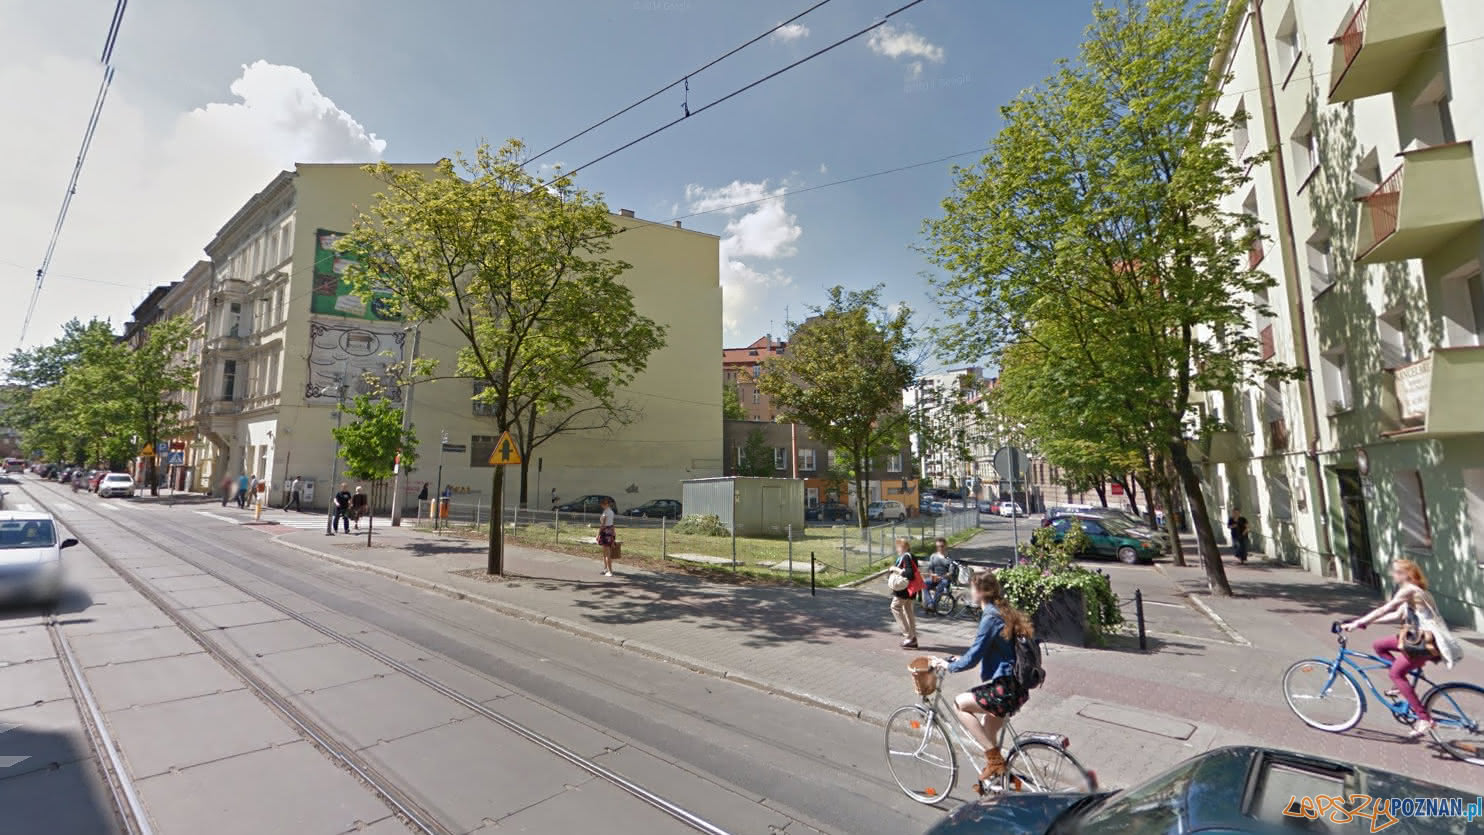 Działka przy ul. Feliksa Nowowiejskiego  Foto: Google Street View